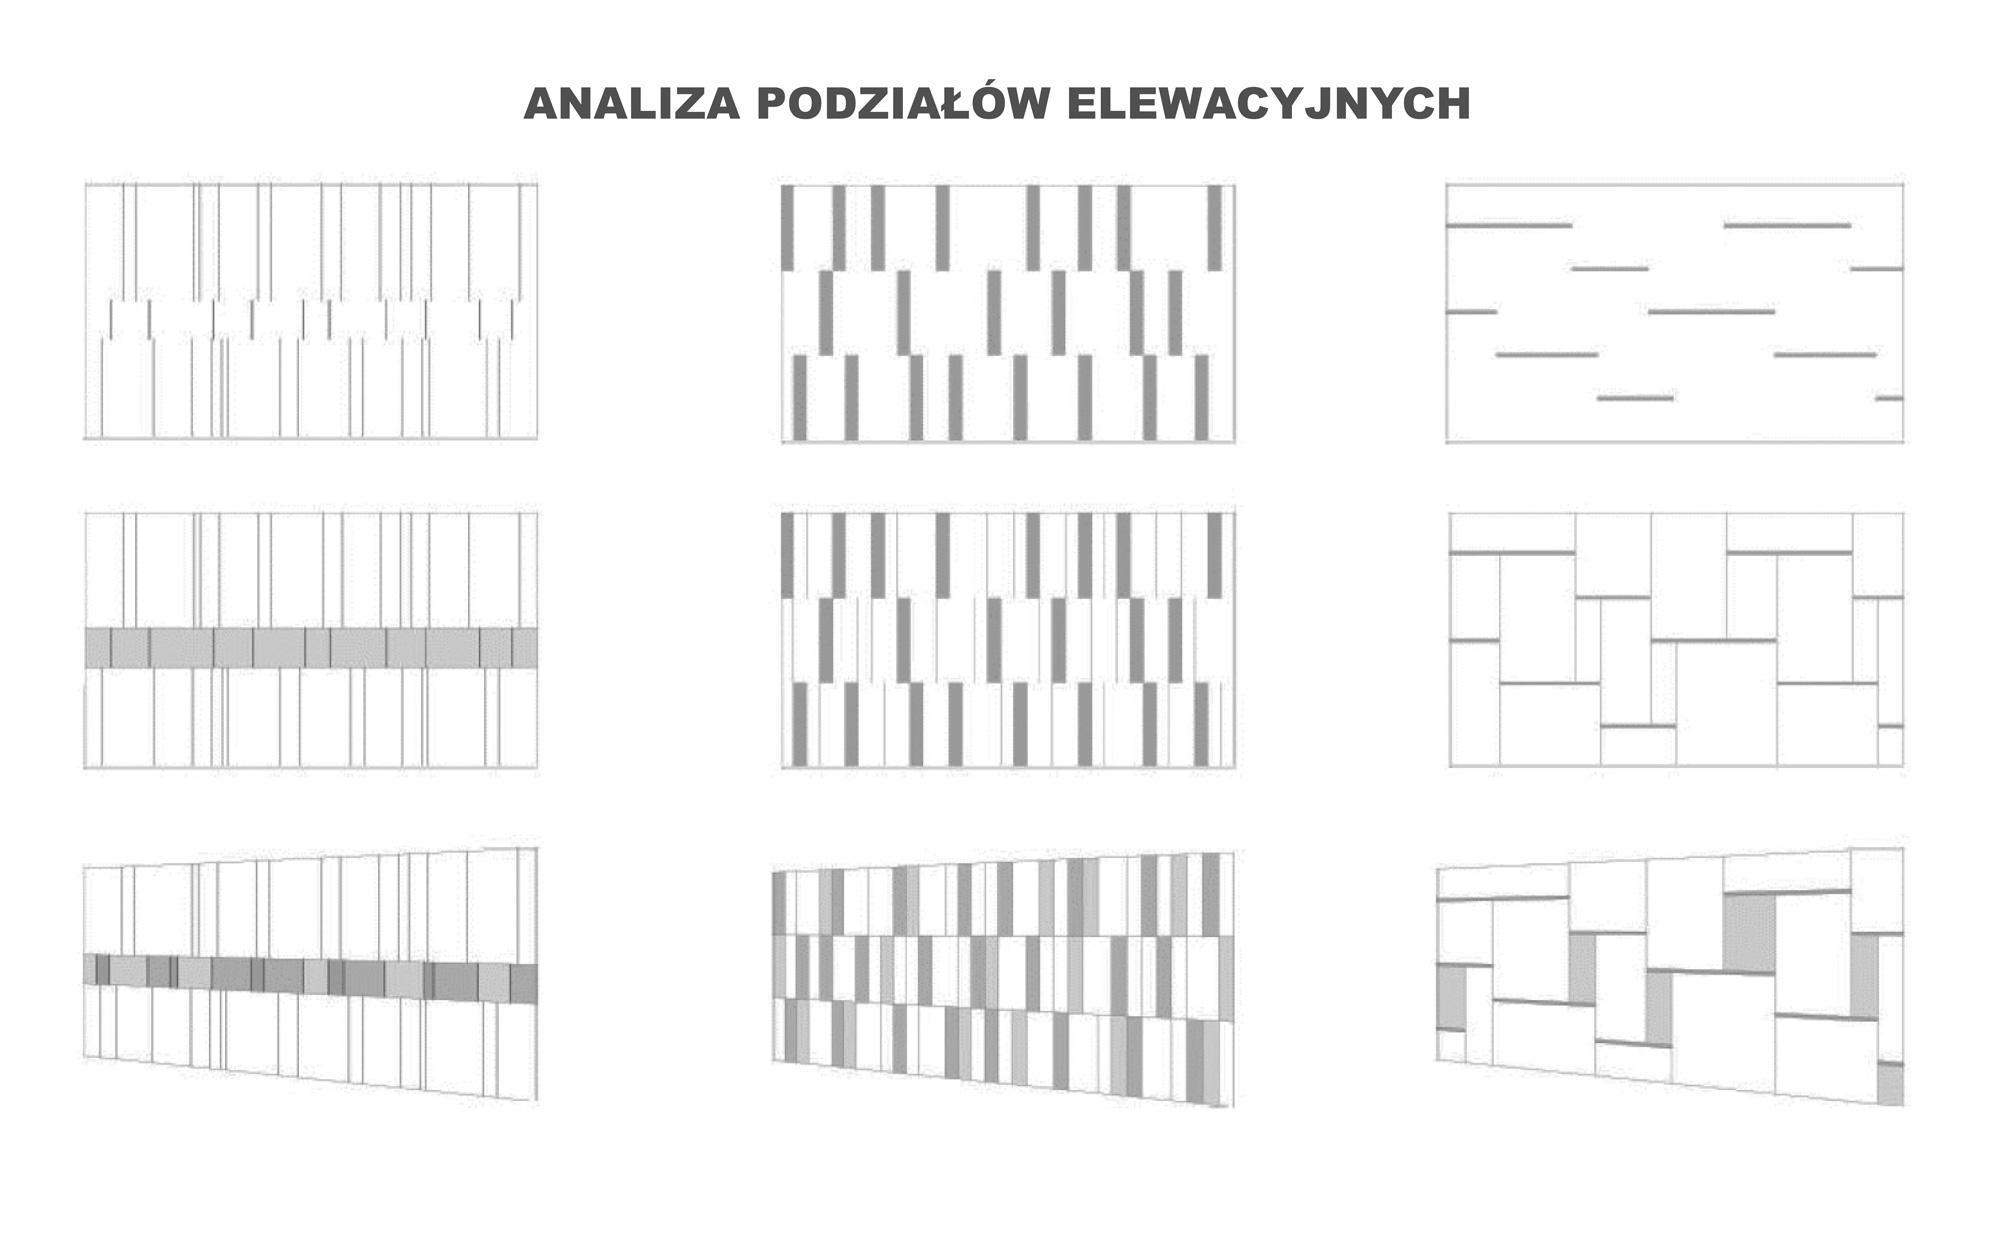 Analiza podziałów elewacyjnych